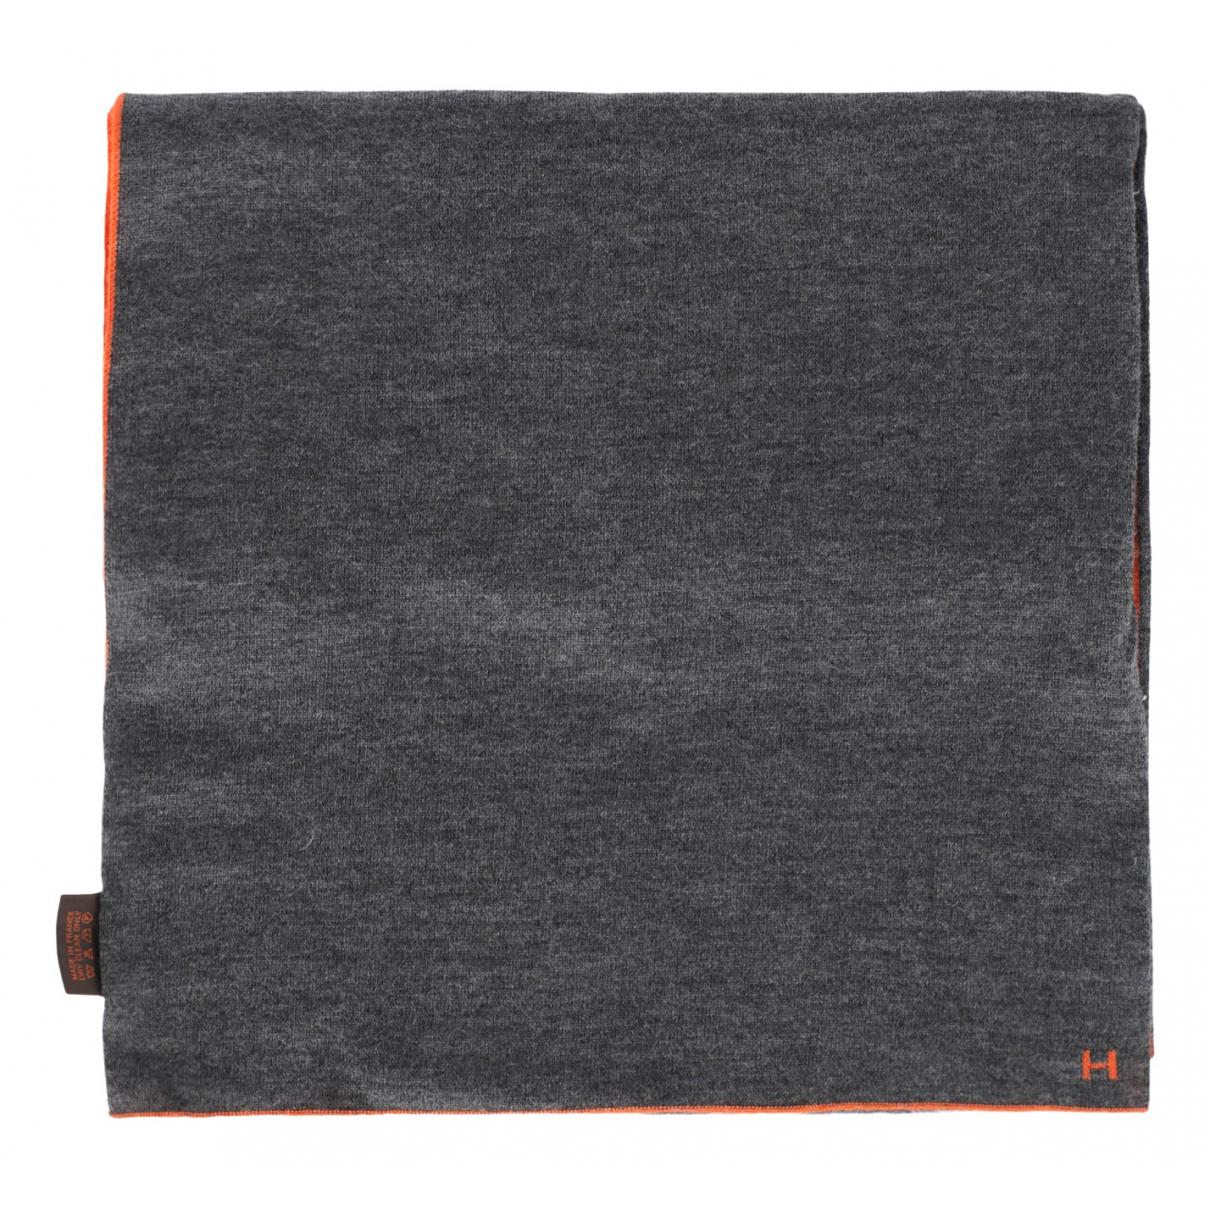 Hermes \N Schal in  Grau Wolle